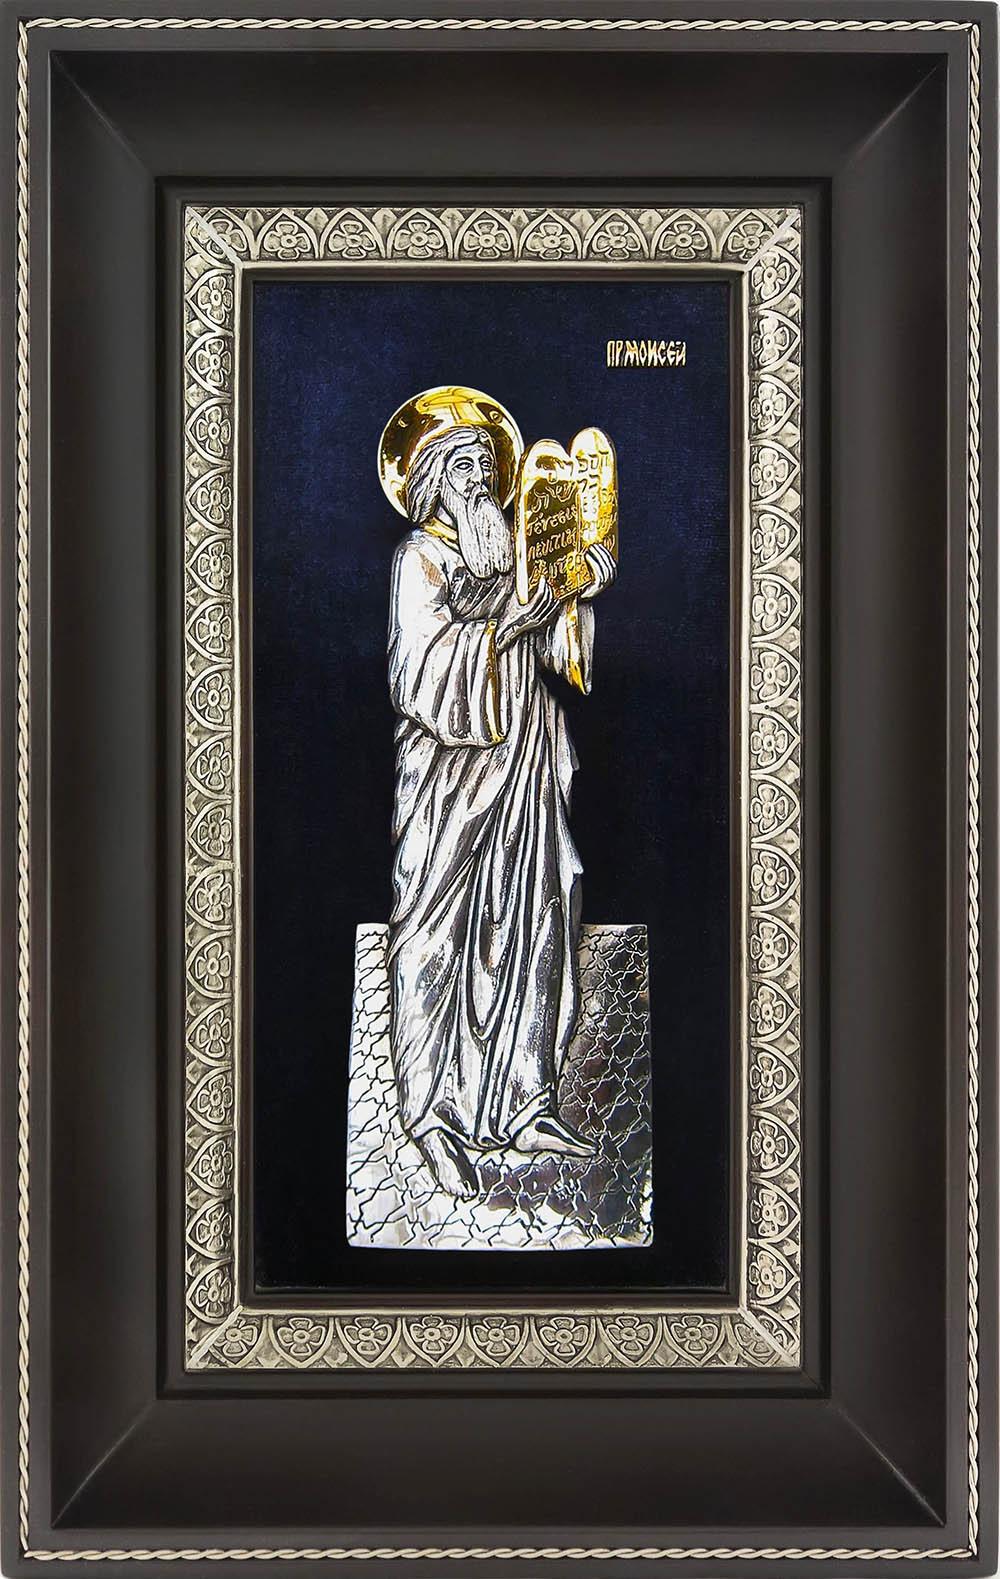 фото икона святого пророка Моисея гальванопластика золото серебро деревянная рамка